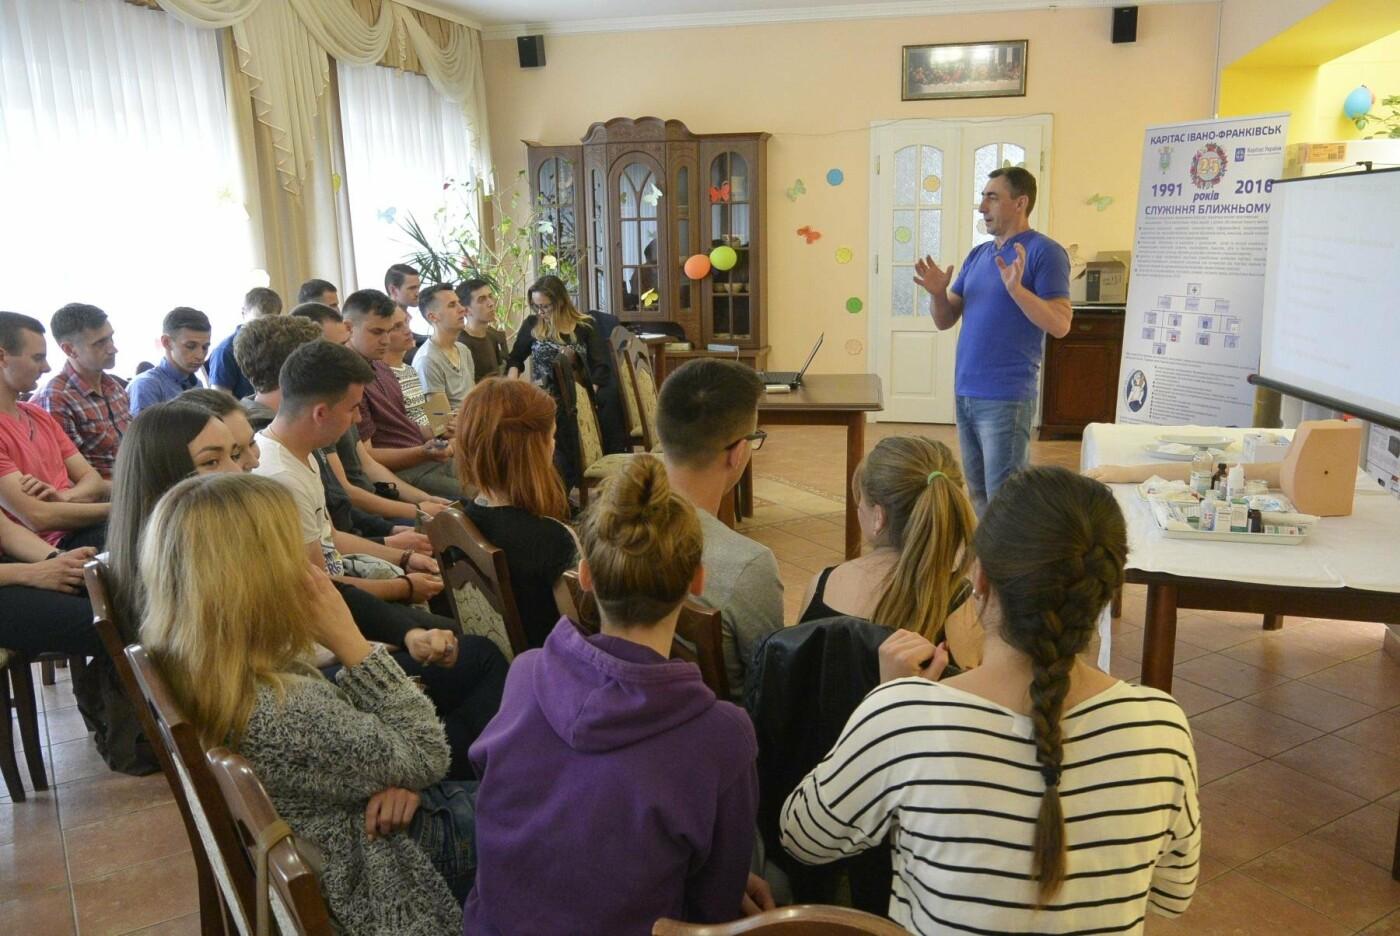 Франківський Карітас проводить навчальні тренінги для волонтерів. ФОТО, фото-3